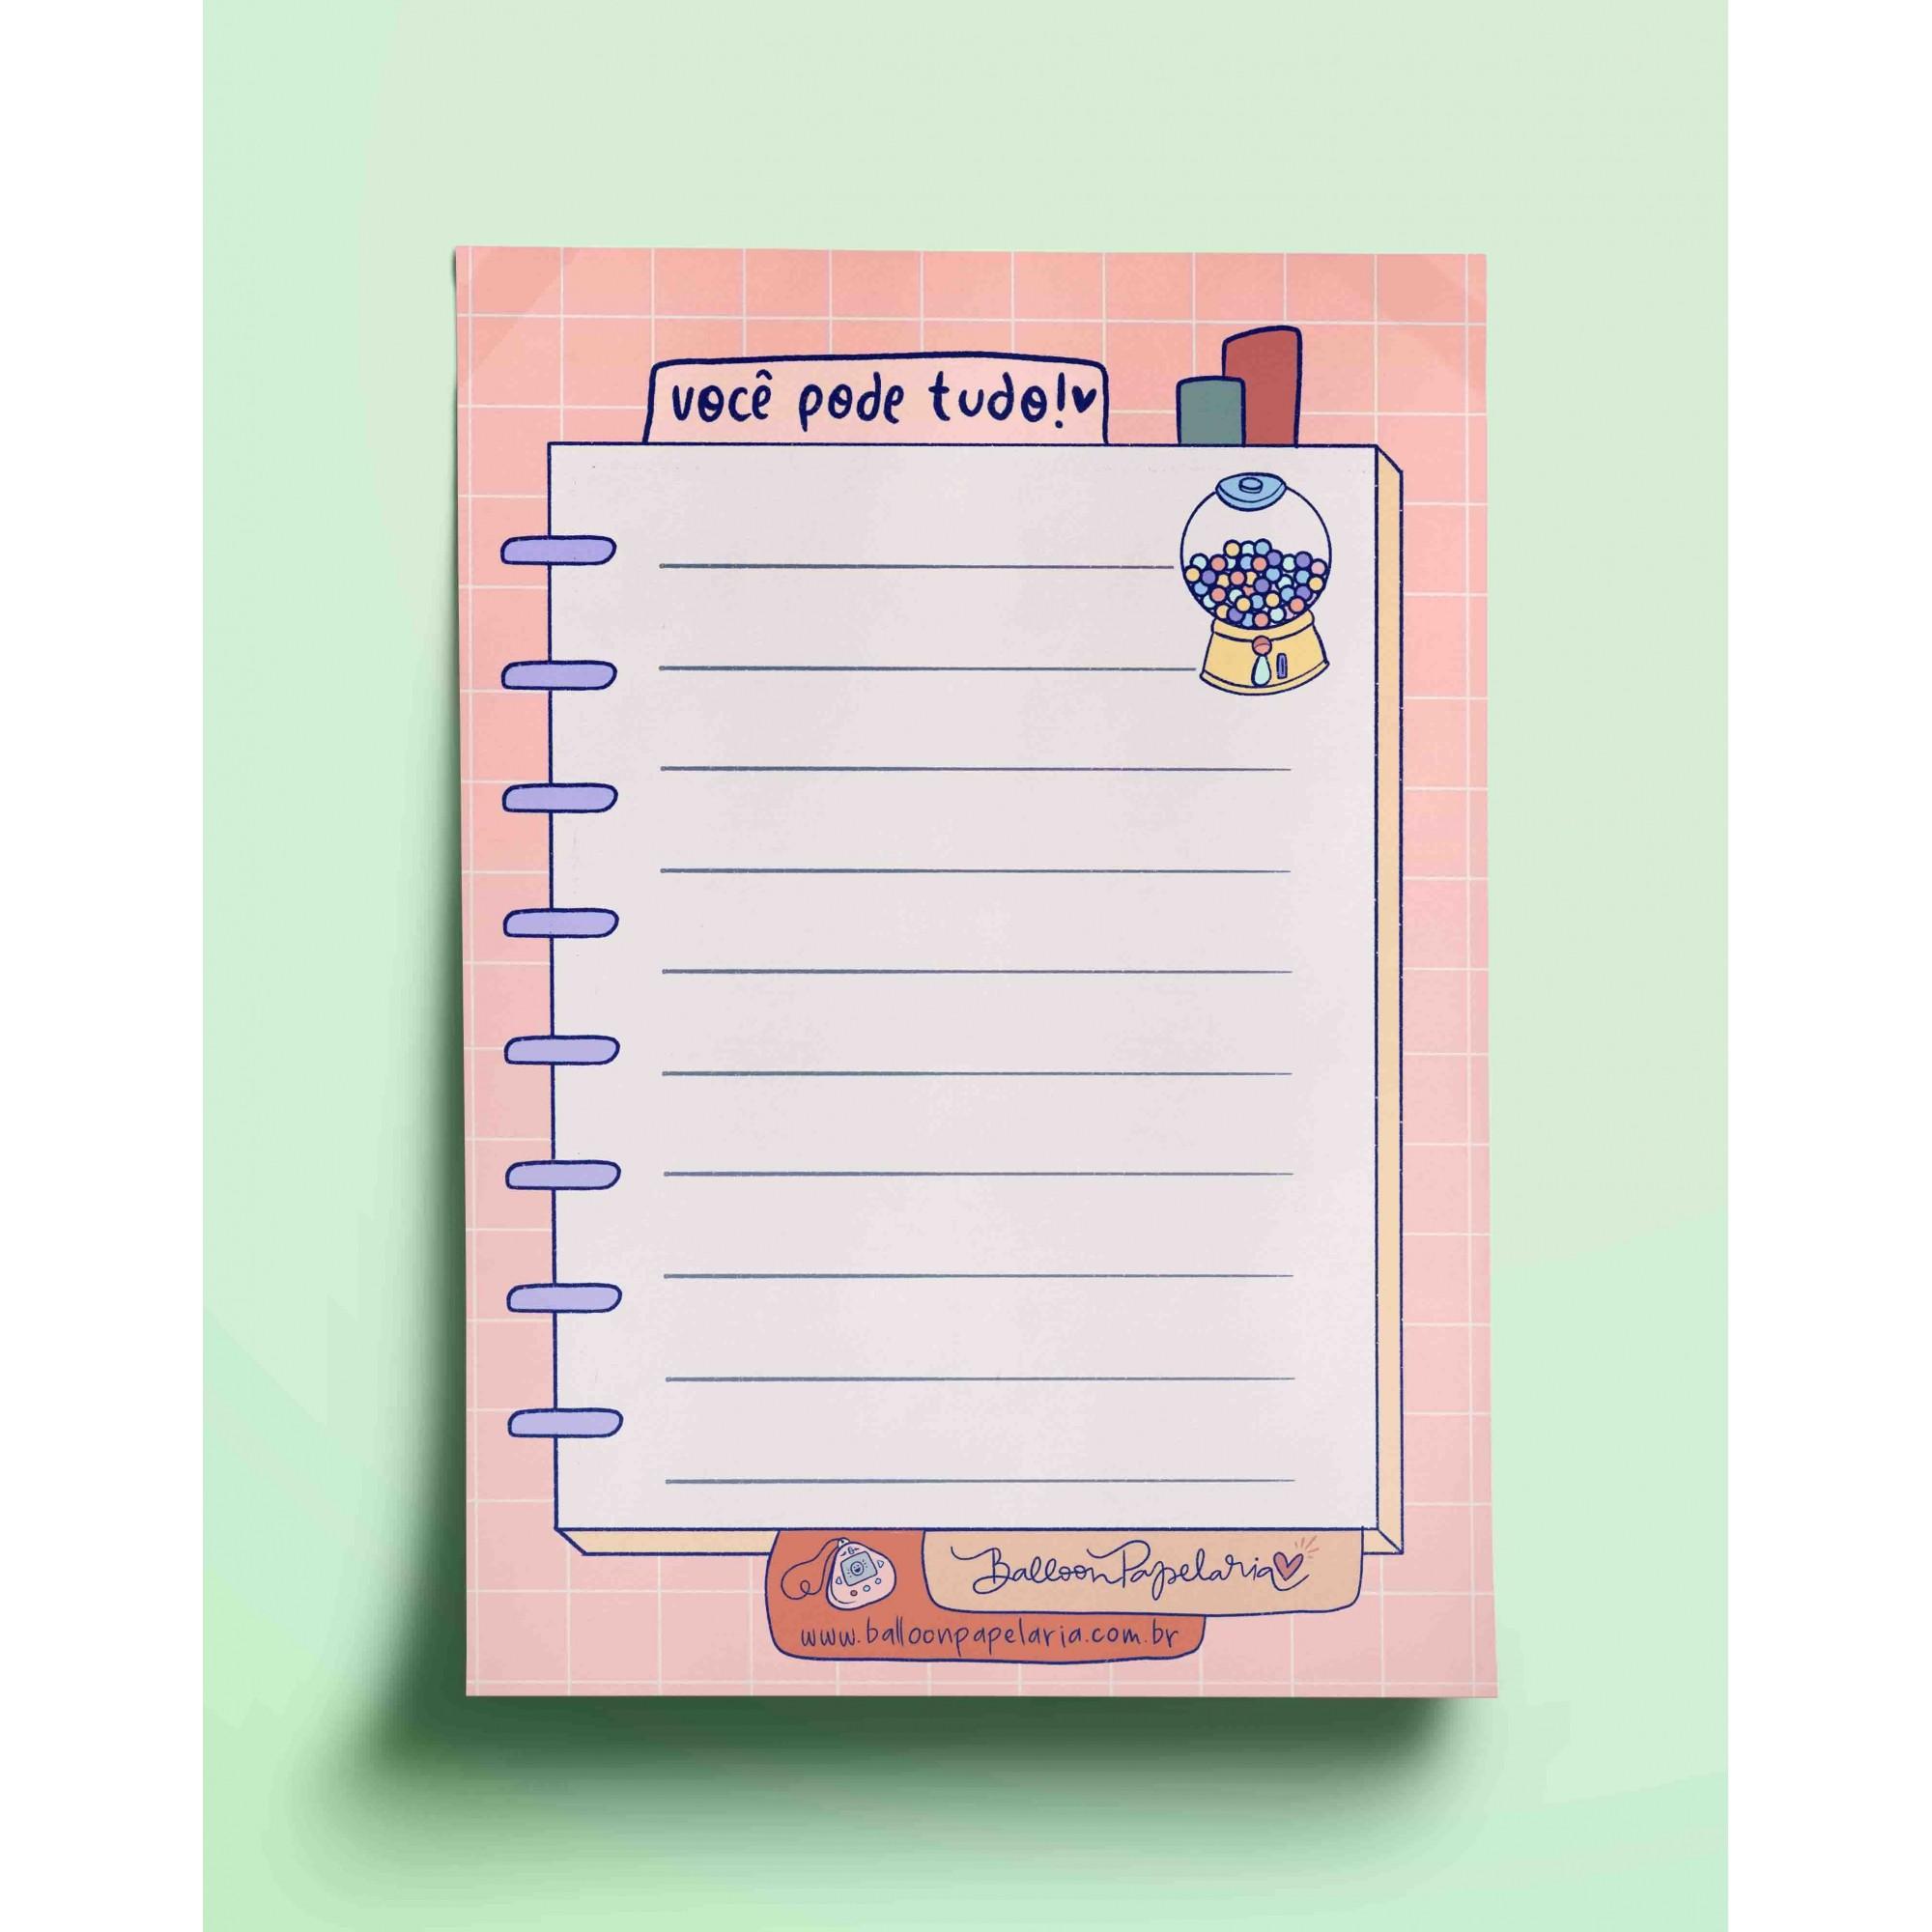 Bloco anotações - você pode tudo